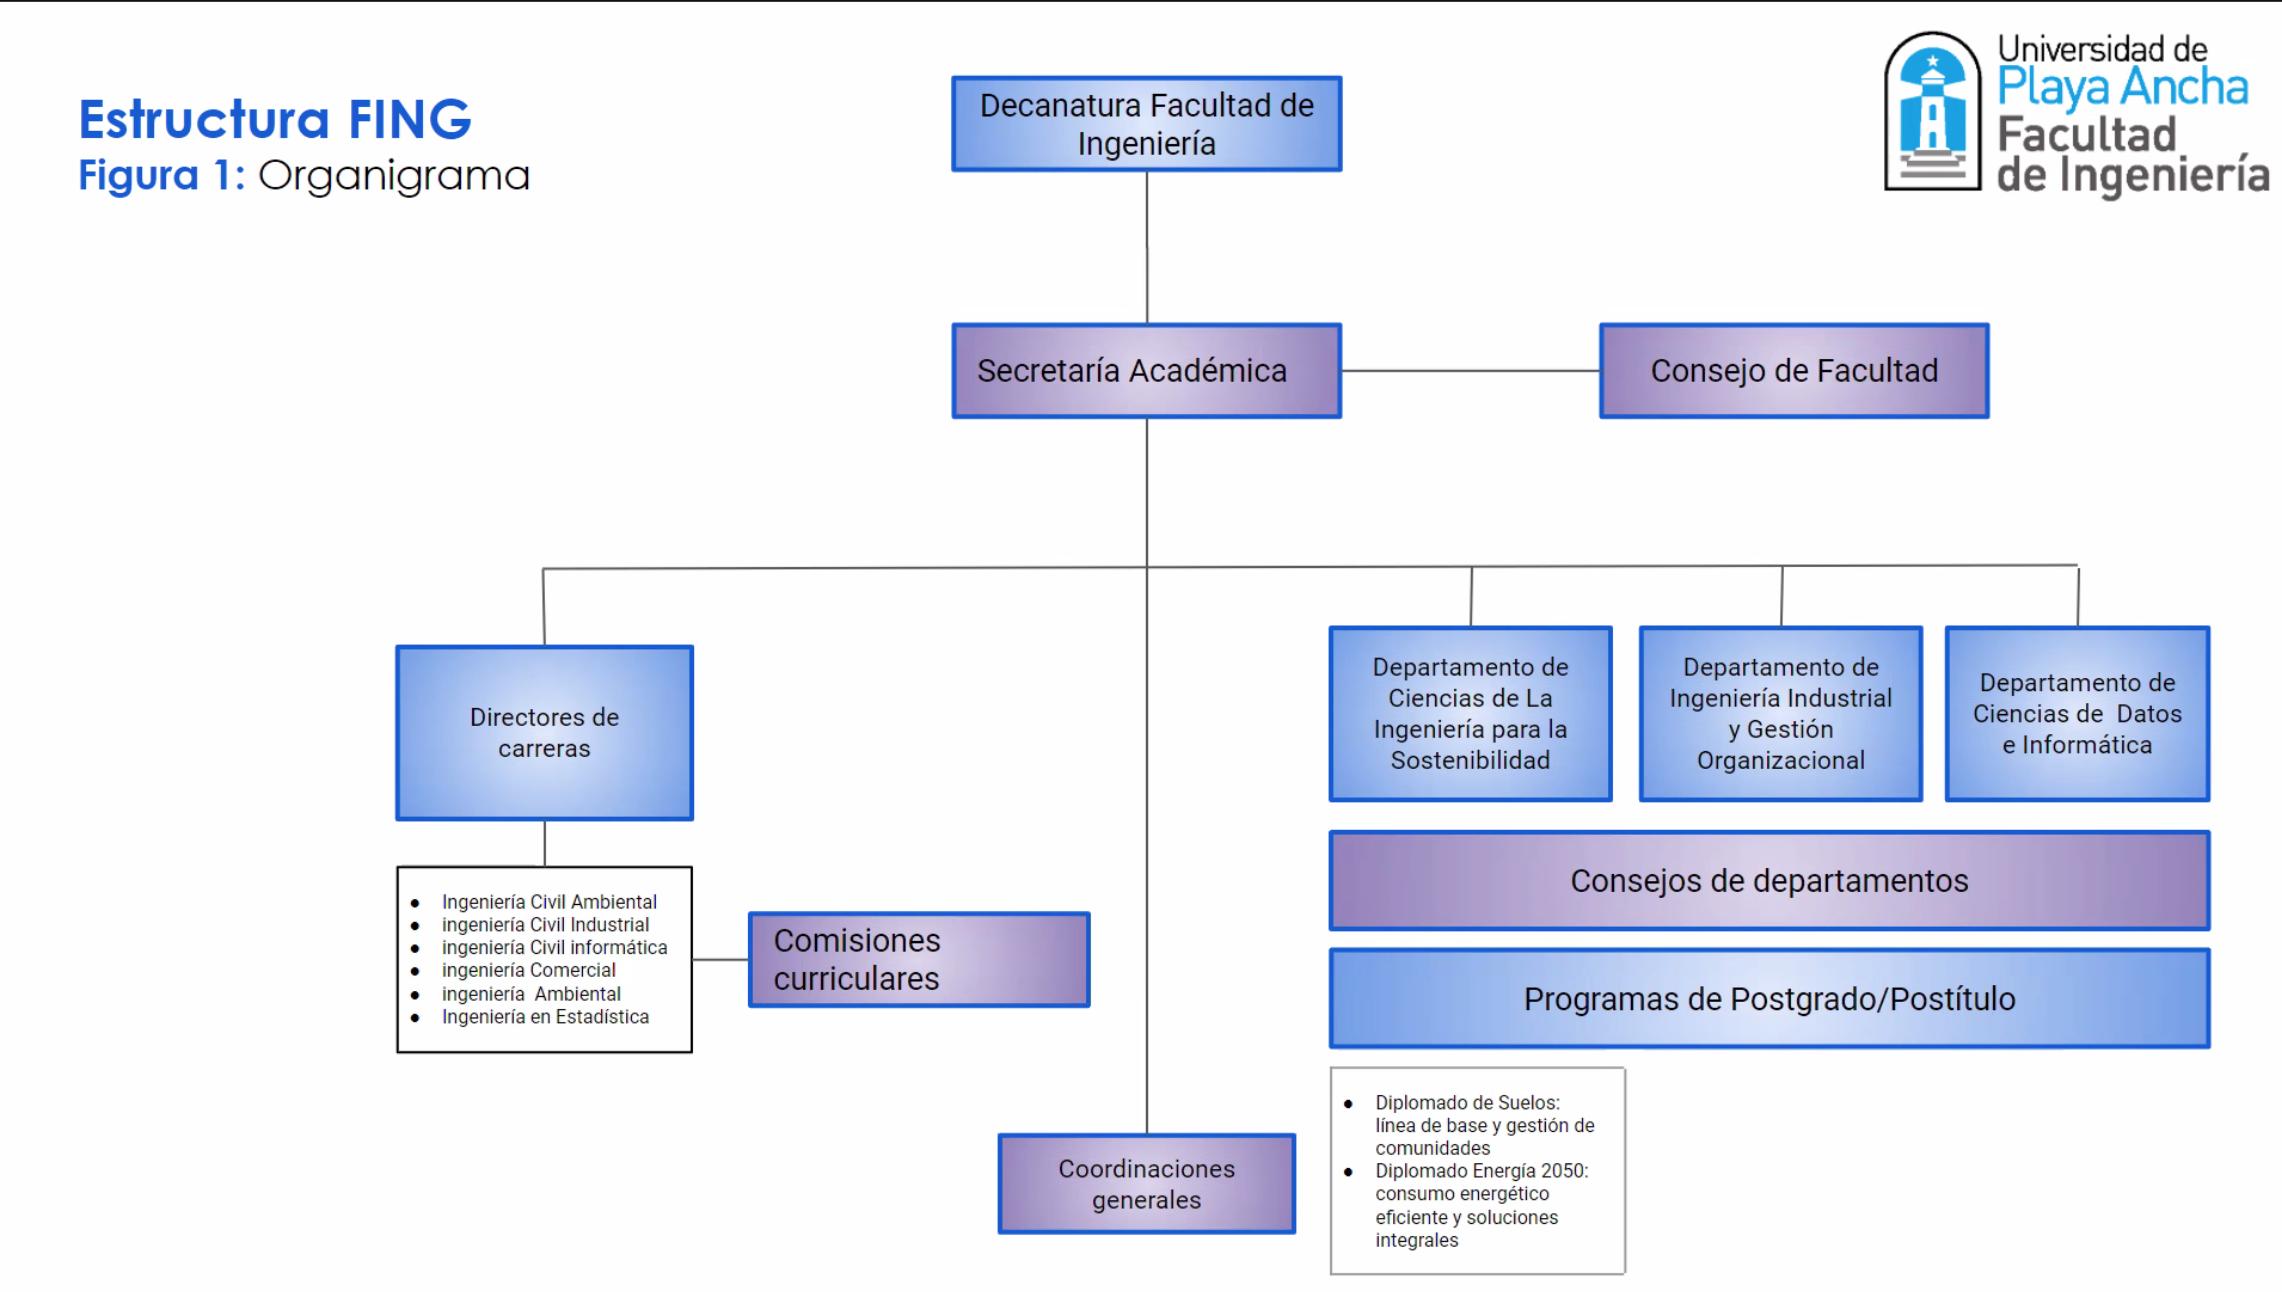 Universidad de Playa Ancha - Facultad de Ingeniería - Organigrama